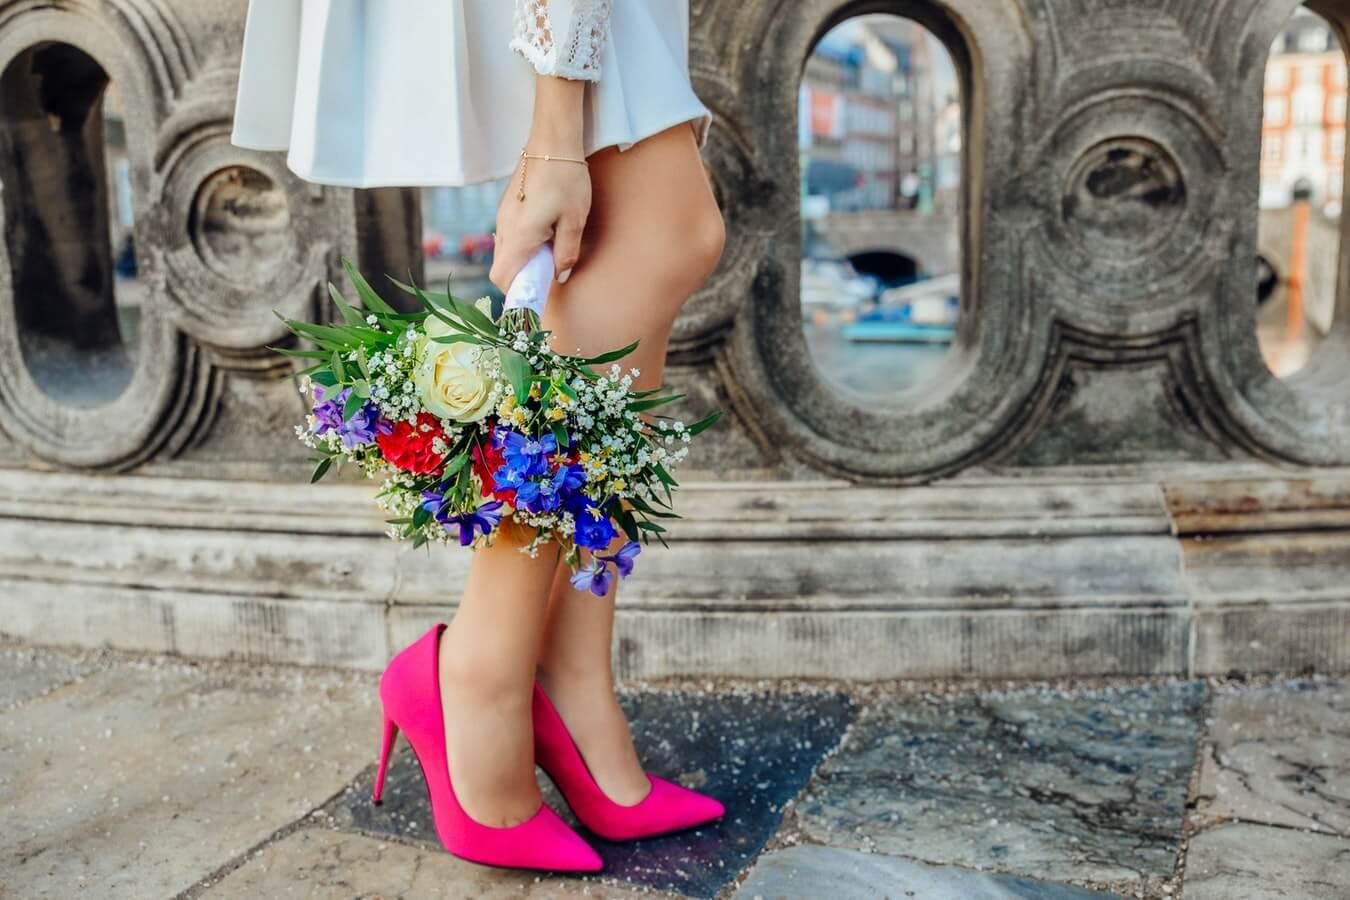 Giày dép - Phụ nữ đẹp biết làm đẹp, phụ nữ thông minh biết chăm sóc mắt tinh anh